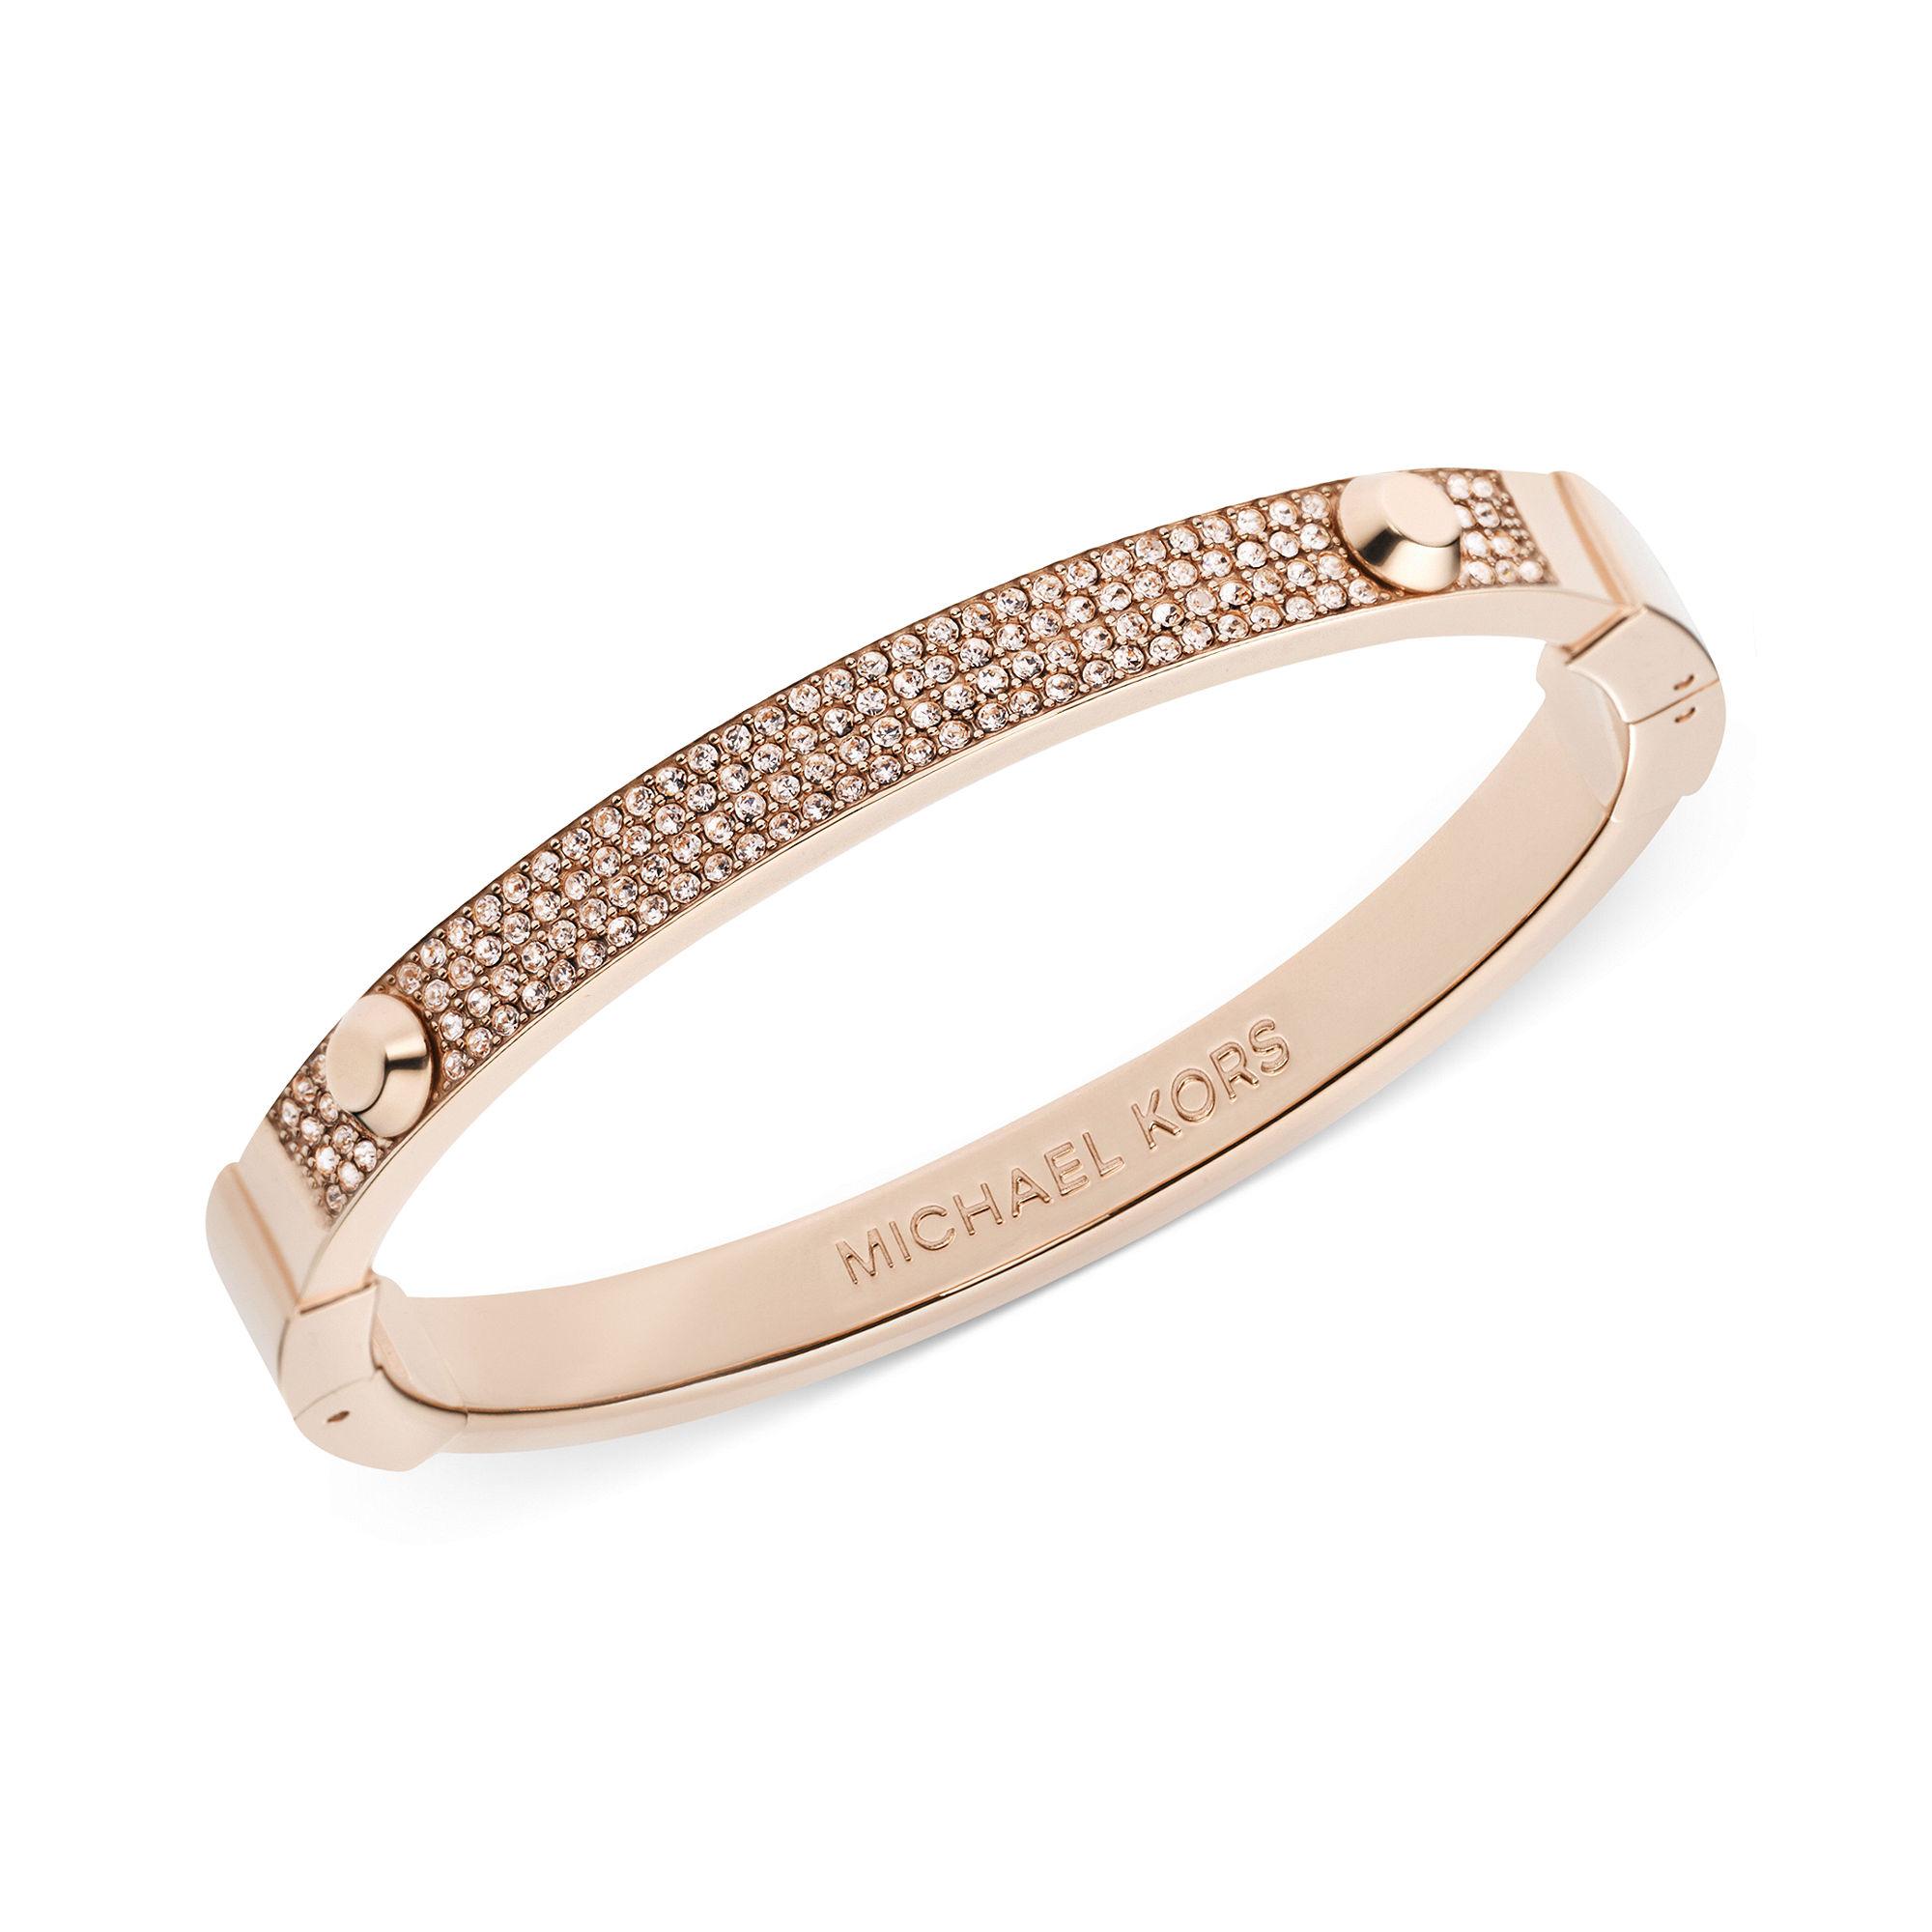 michael kors rose goldtone pave hinge bangle bracelet in. Black Bedroom Furniture Sets. Home Design Ideas